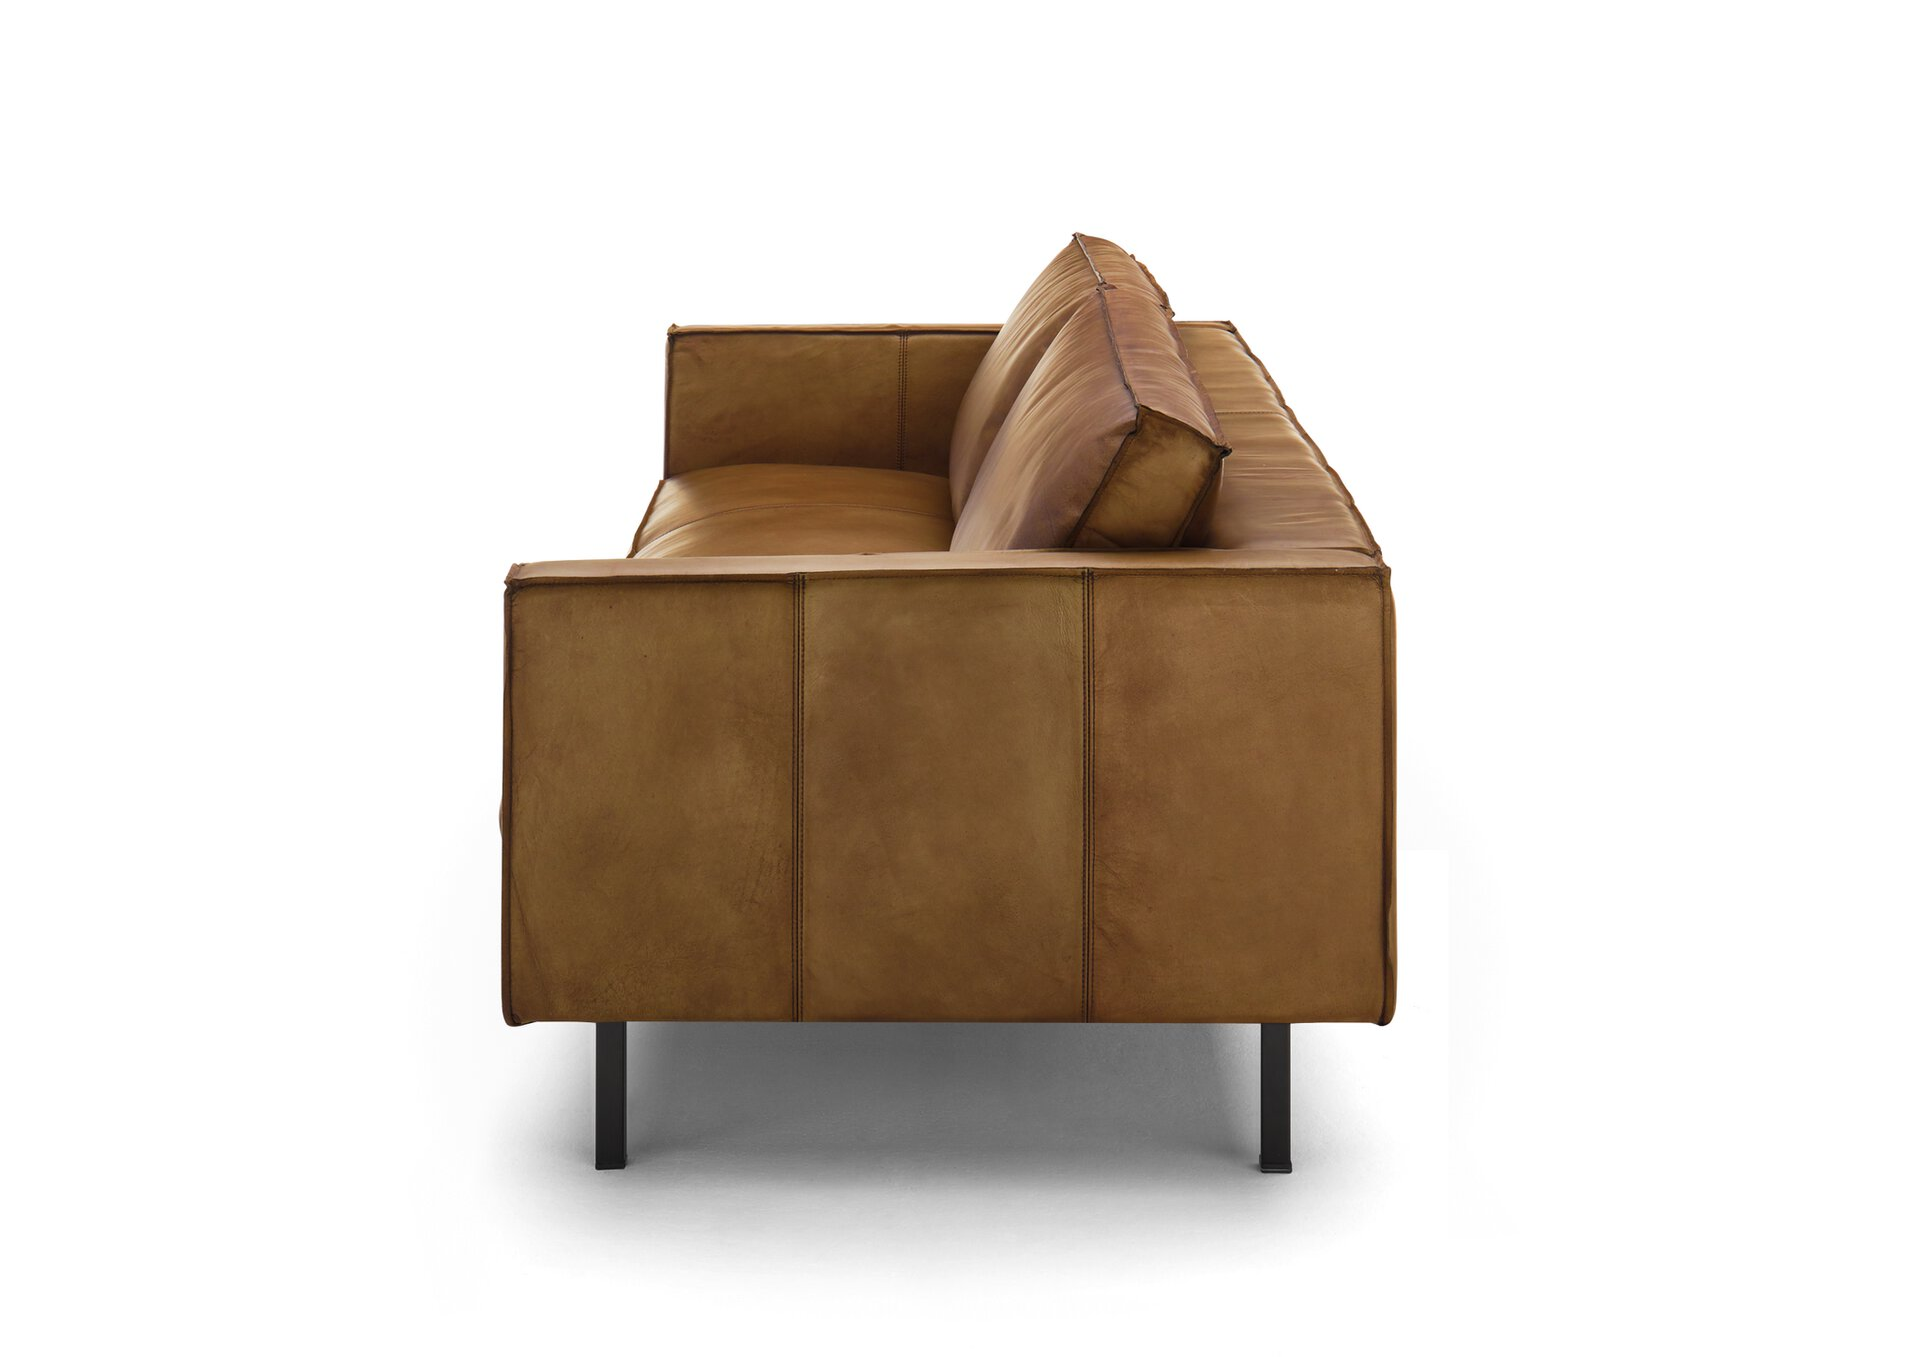 Sofa 3-Sitzer WK6001 FINLAND 227 WK Wohnen Edition Leder braun 93 x 82 x 221 cm